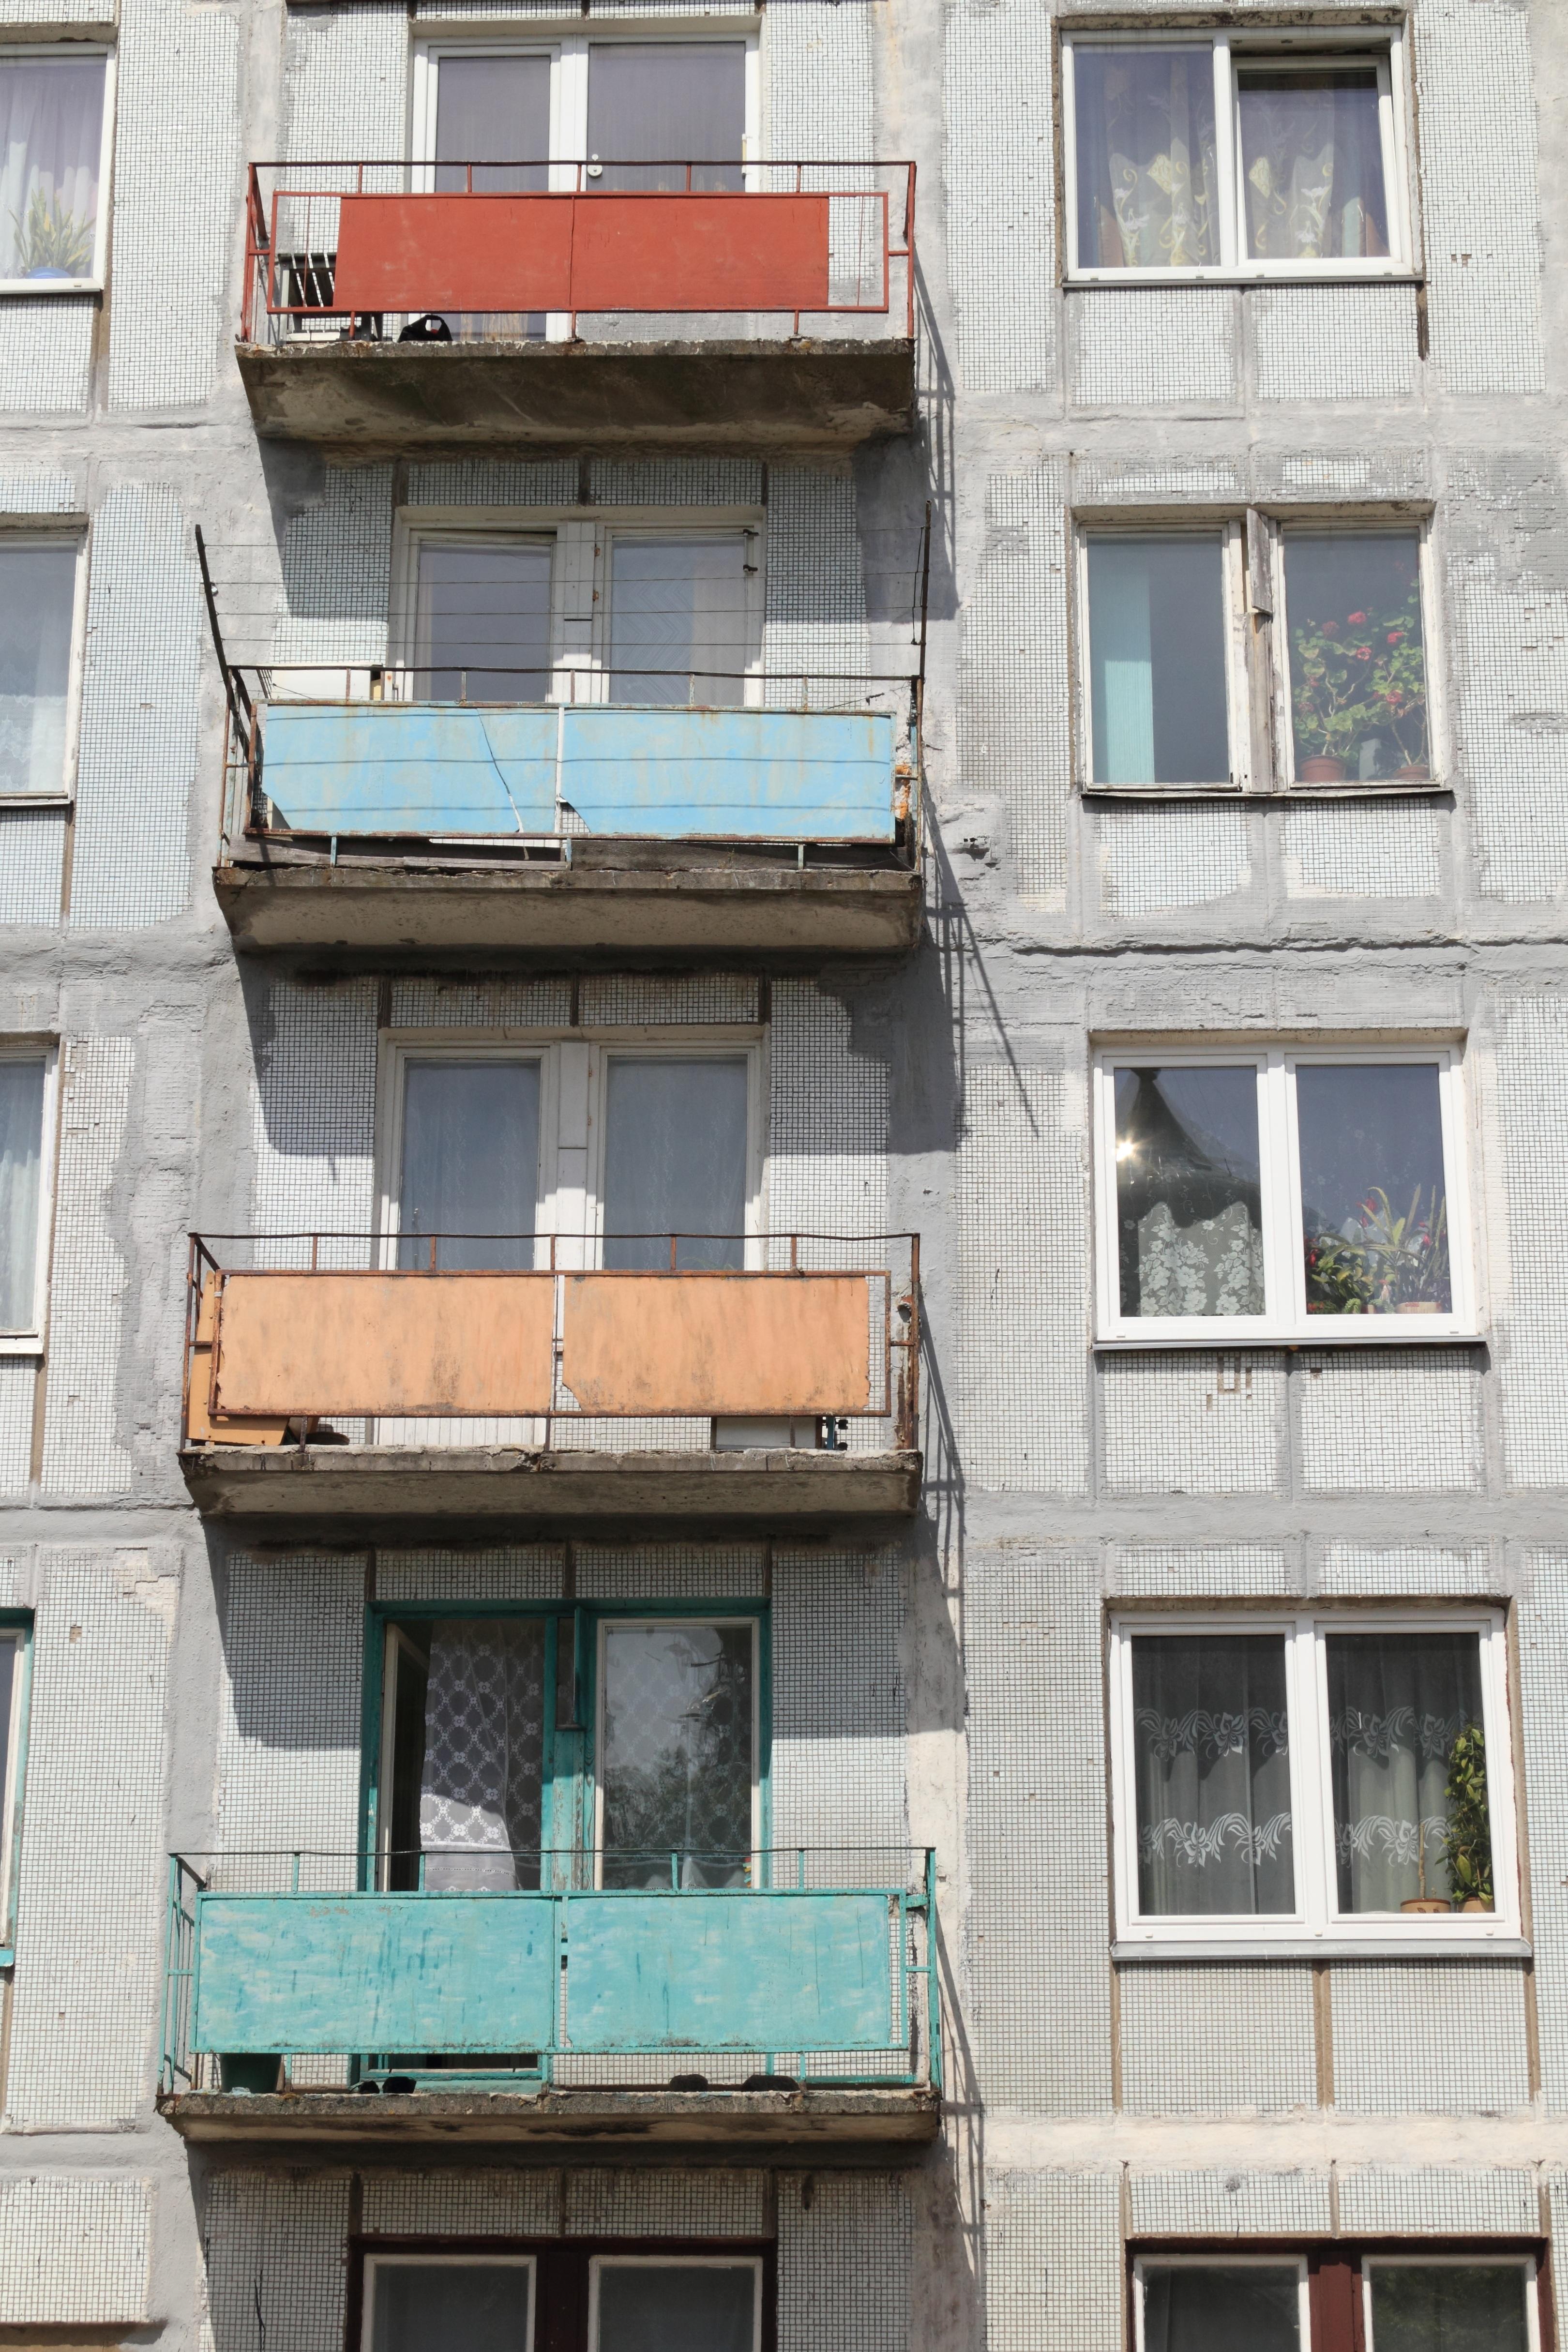 Картинки : архитектура, дом, окно, балкон, фасад, имущество,.